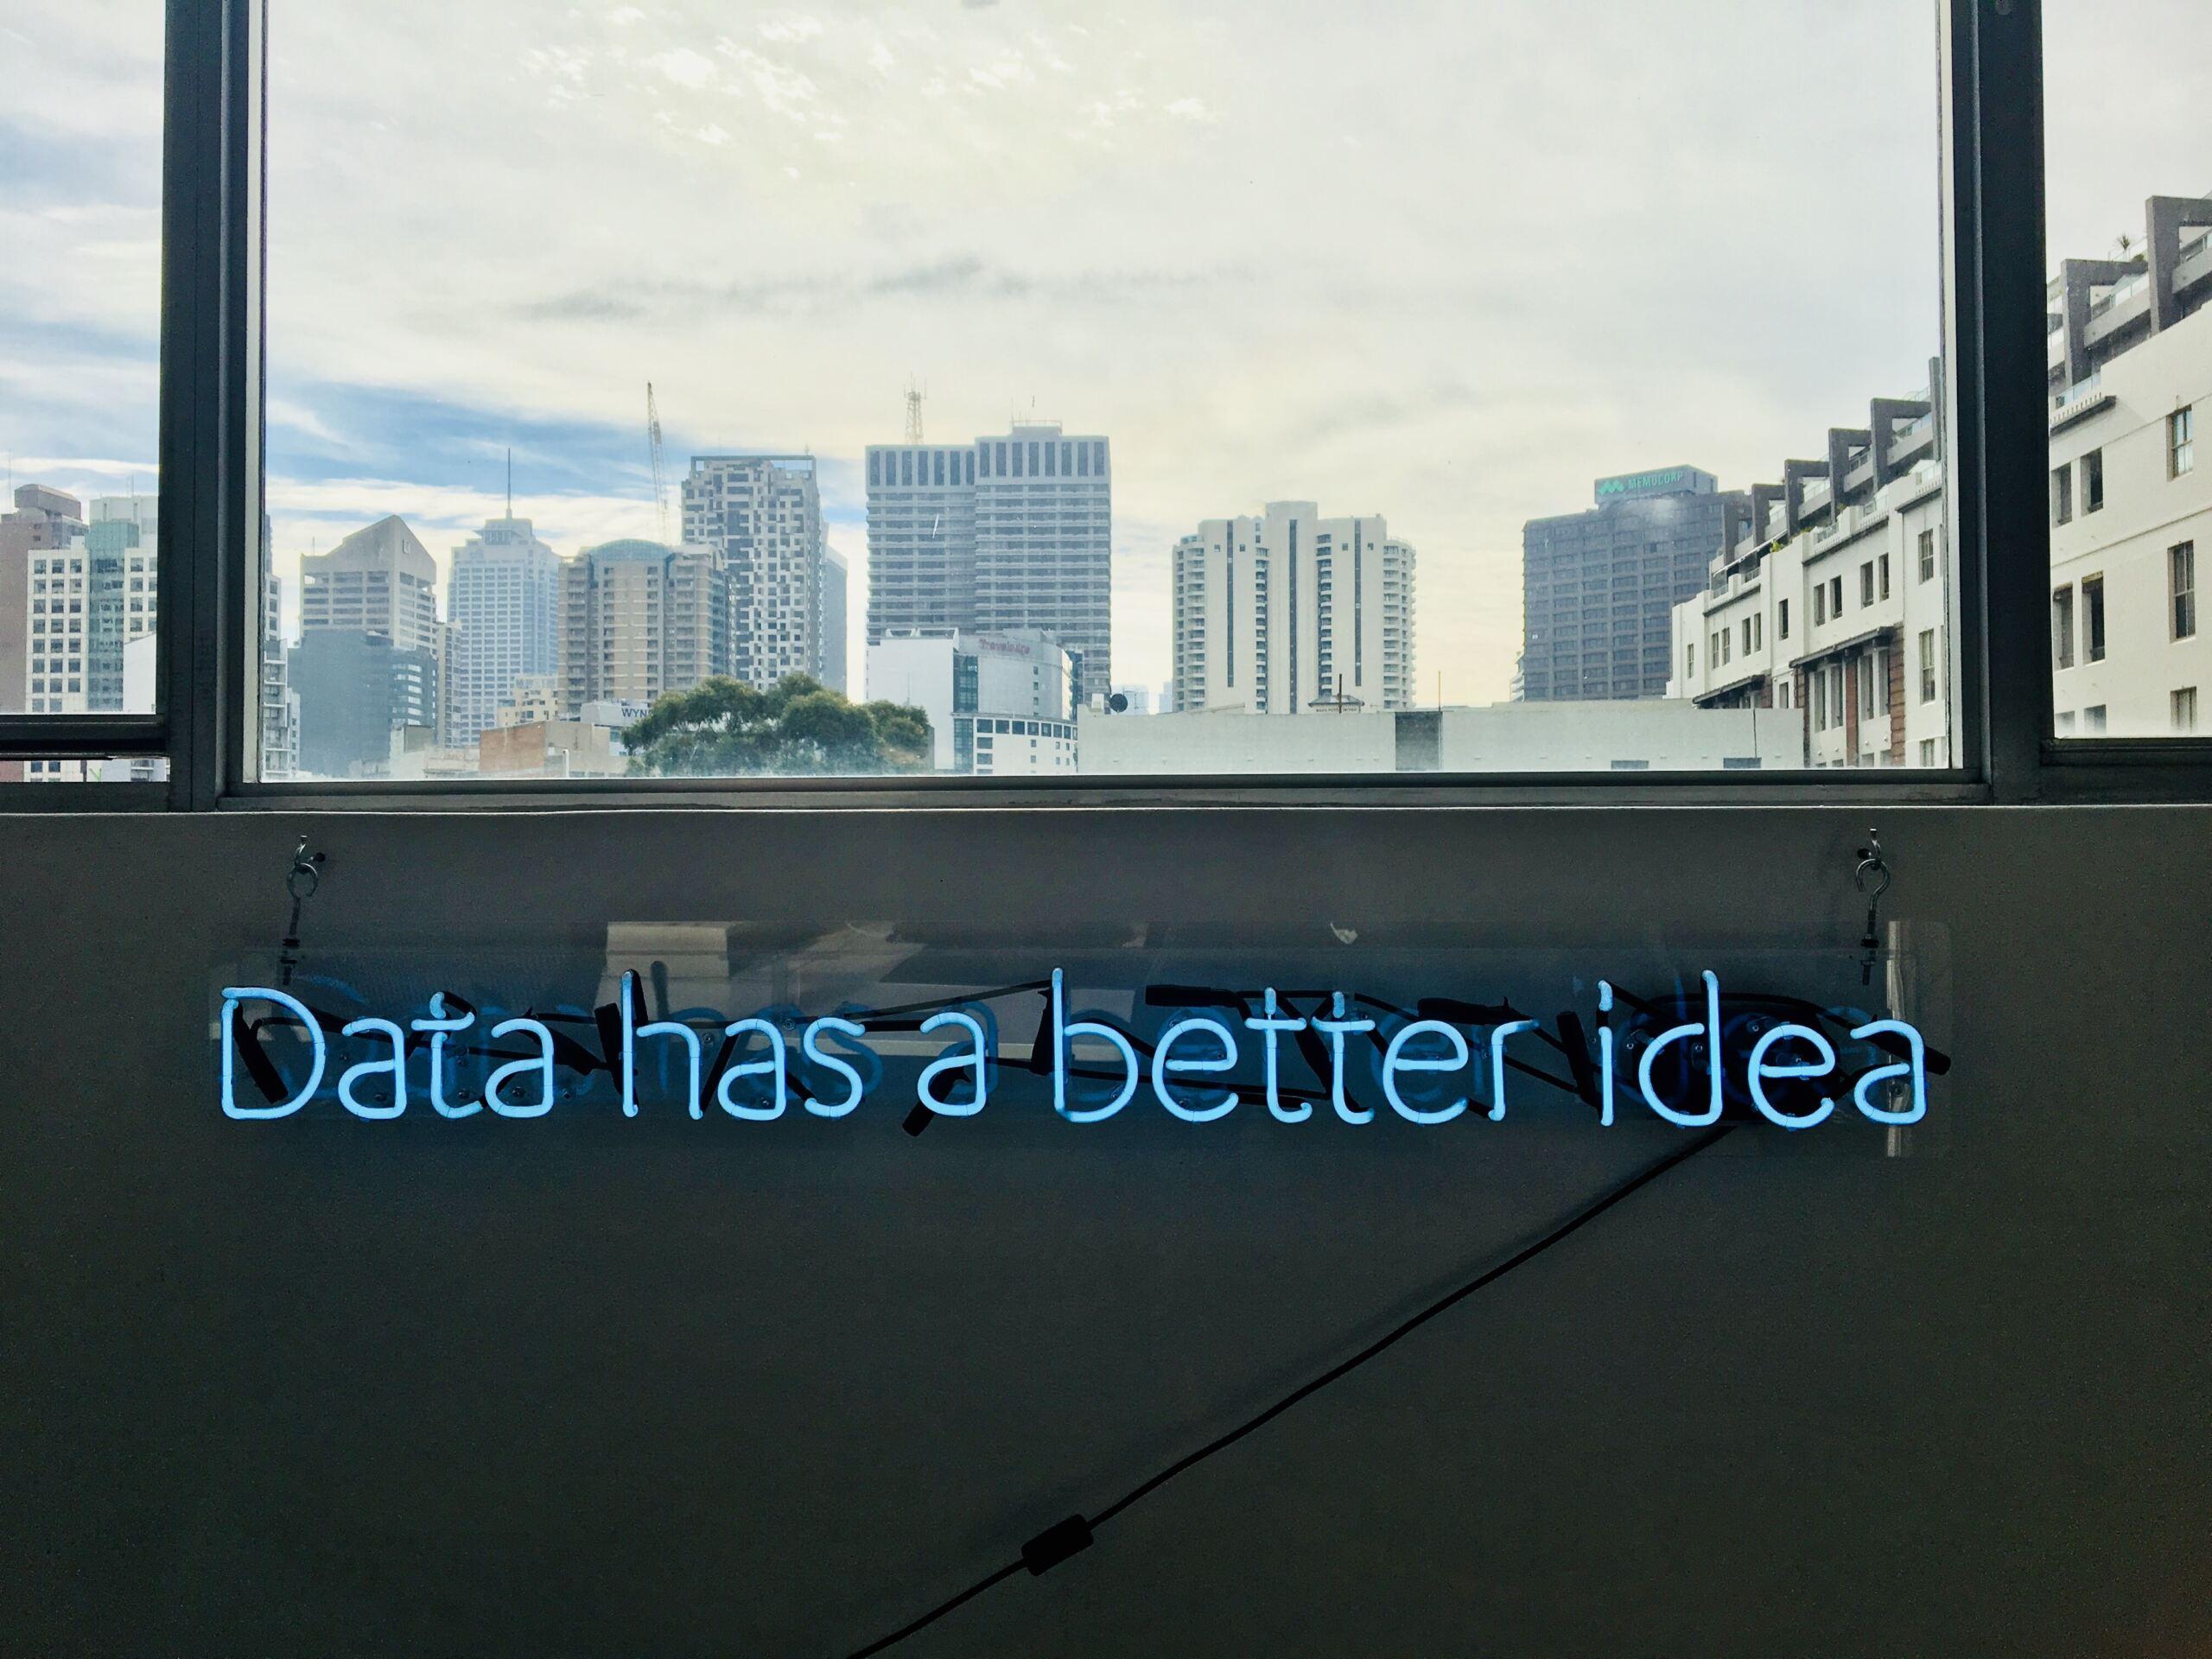 Data has a better idea